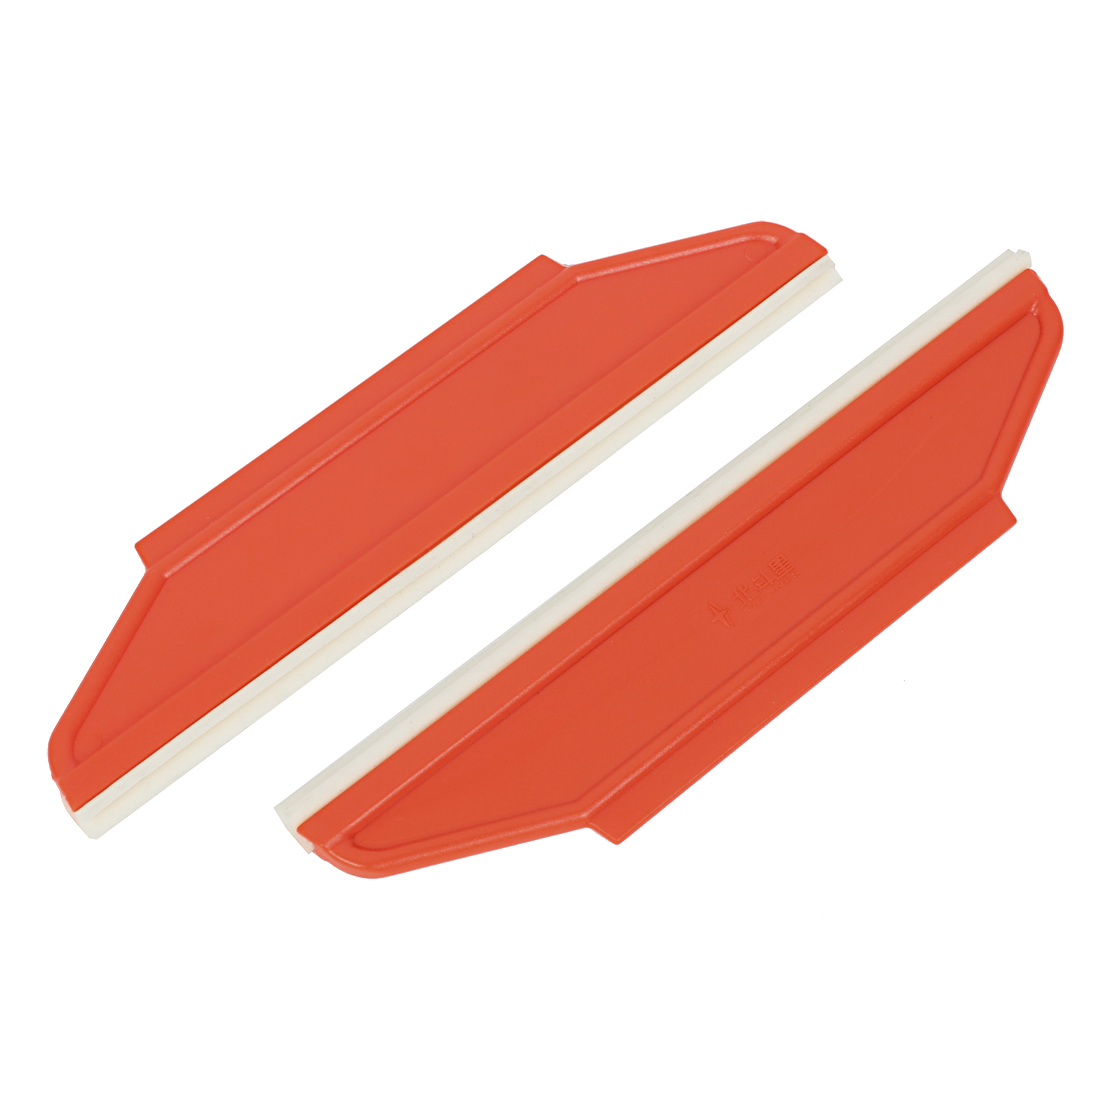 """Unique Bargains 2 Pcs 8.5"""" Length Car Window Film Wrap Installation Cleaning Scraper Tool Orange"""